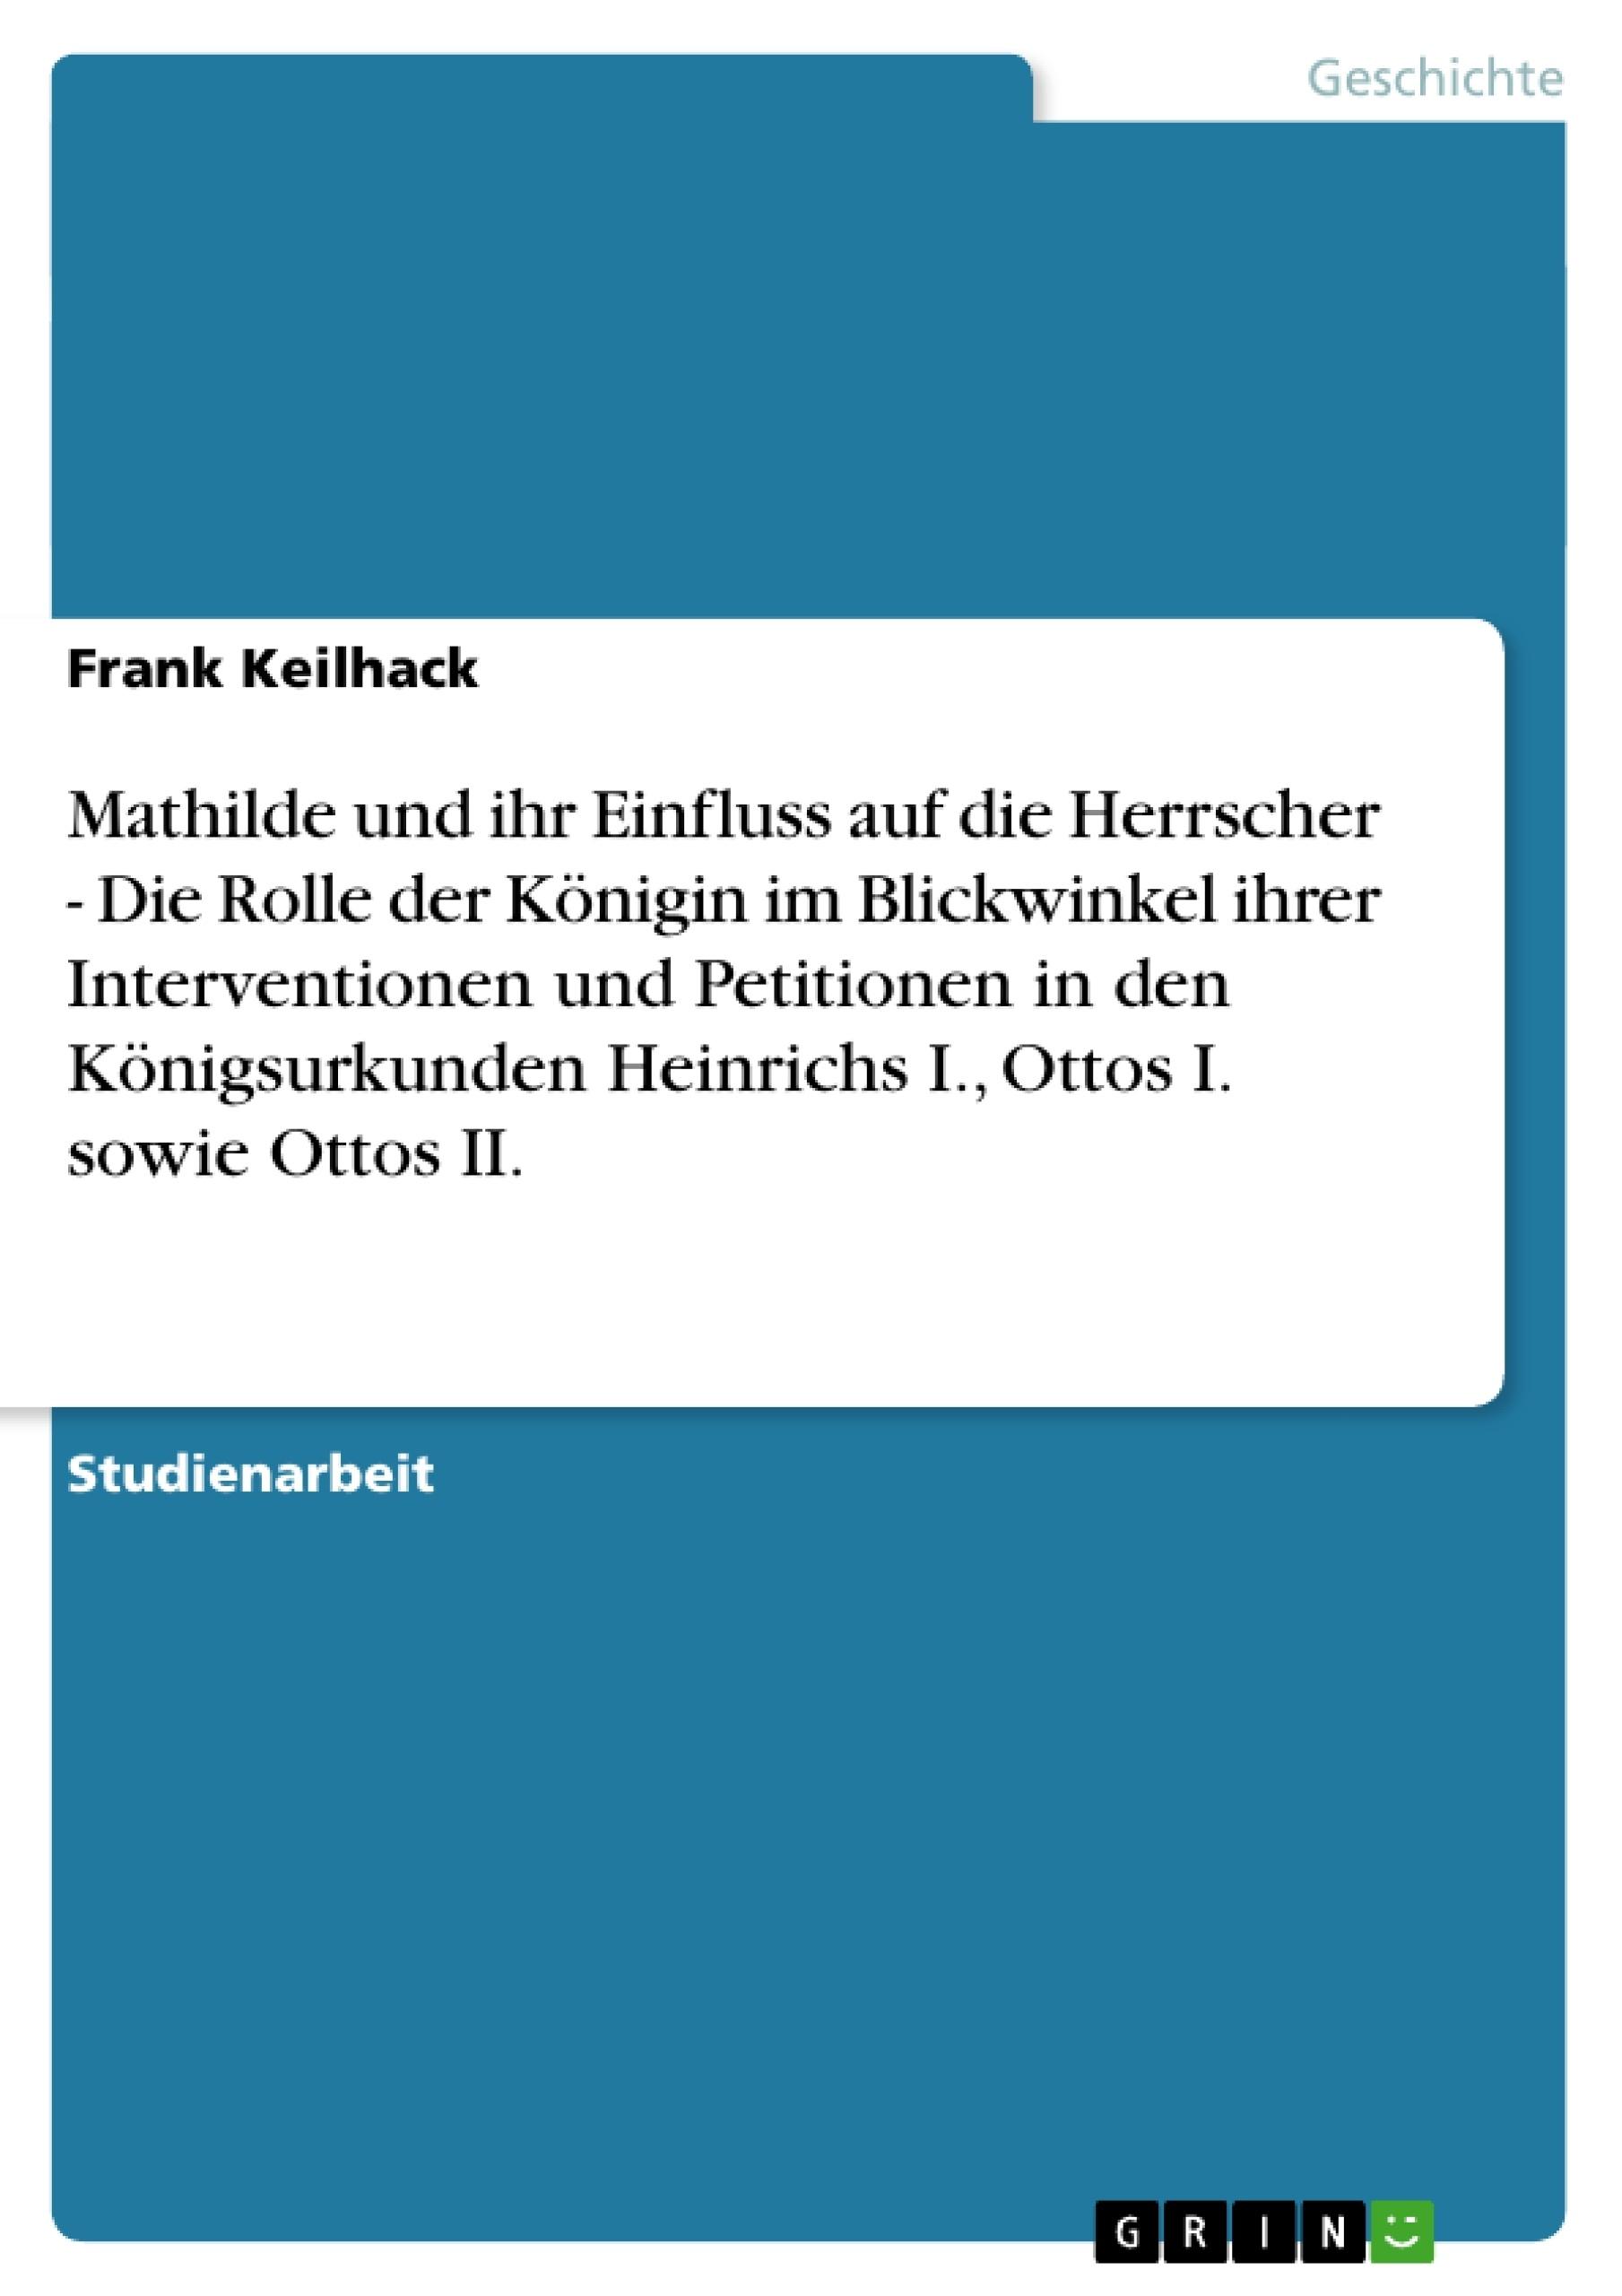 Titel: Mathilde und ihr Einfluss auf die Herrscher - Die Rolle der Königin im Blickwinkel ihrer Interventionen und Petitionen in den Königsurkunden Heinrichs I., Ottos I. sowie Ottos II.